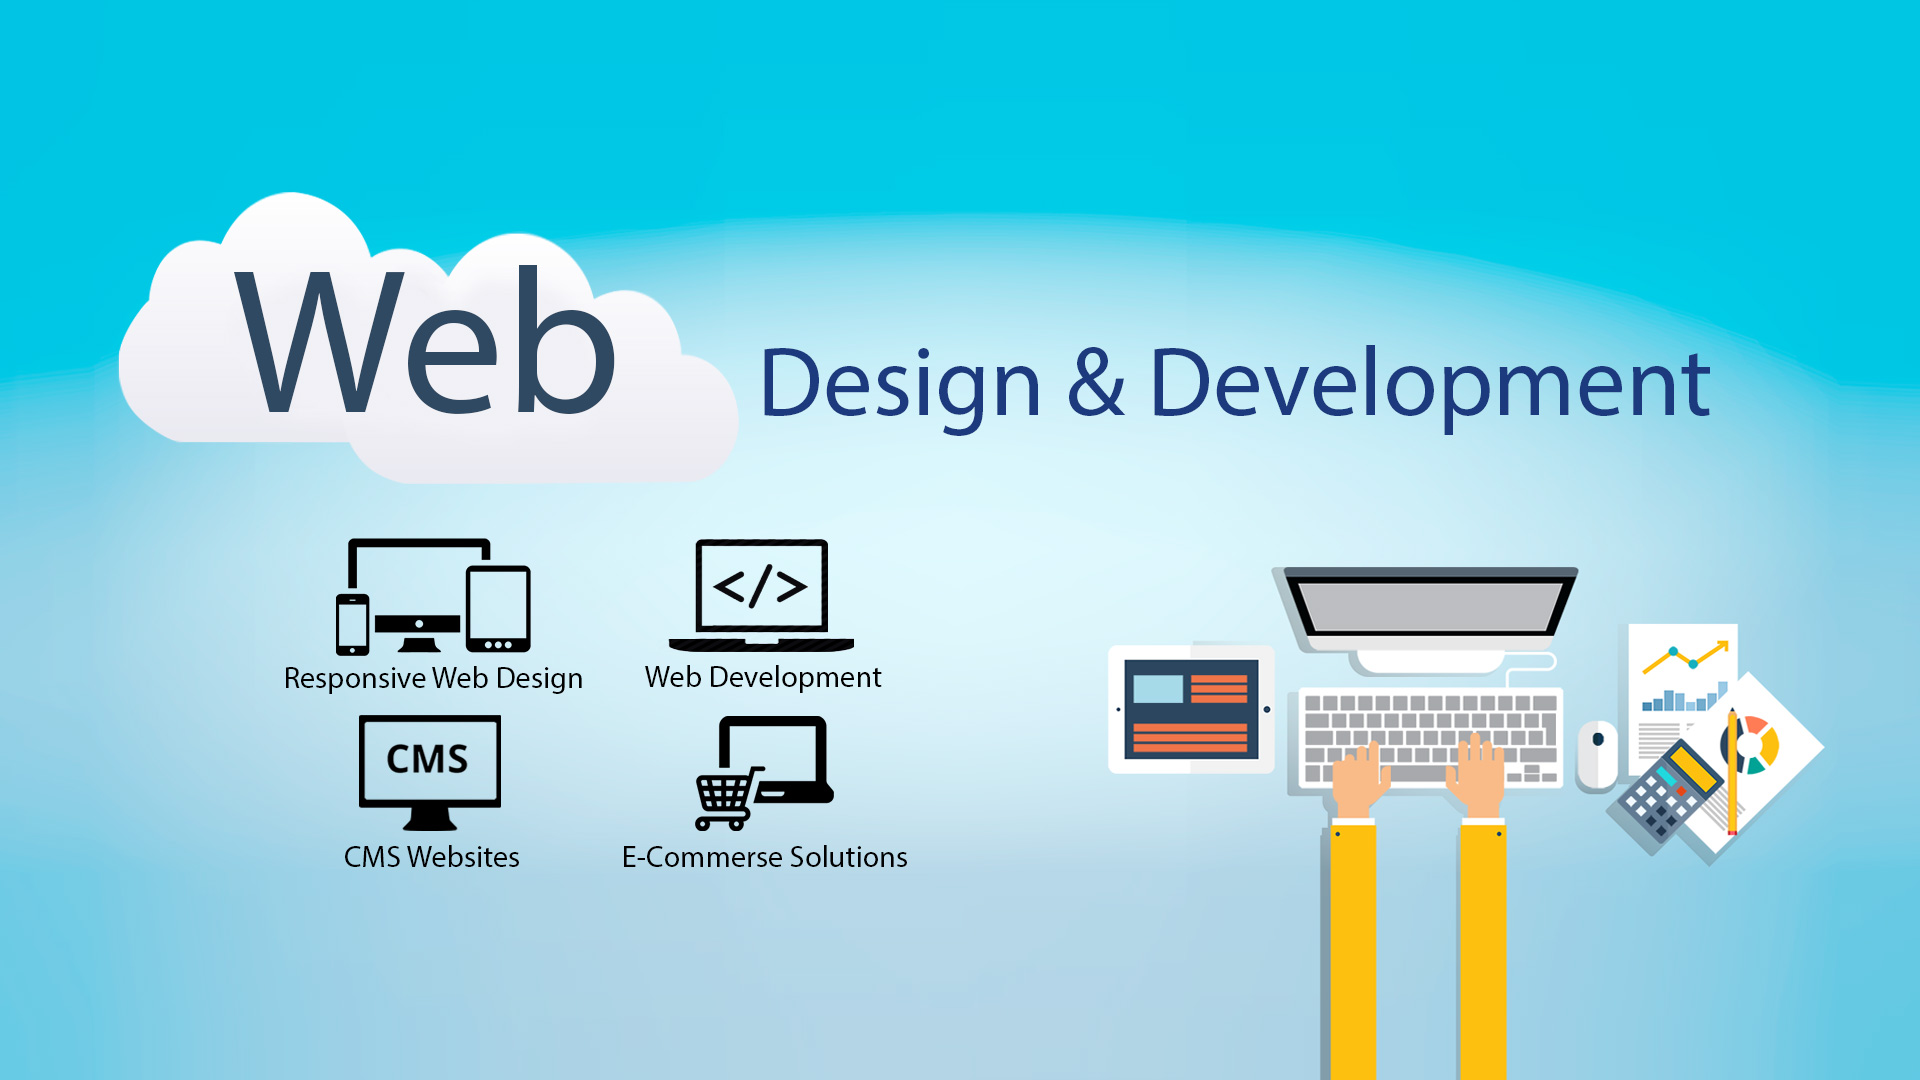 طراحی و توسعه نرم افزارهای موبایلی